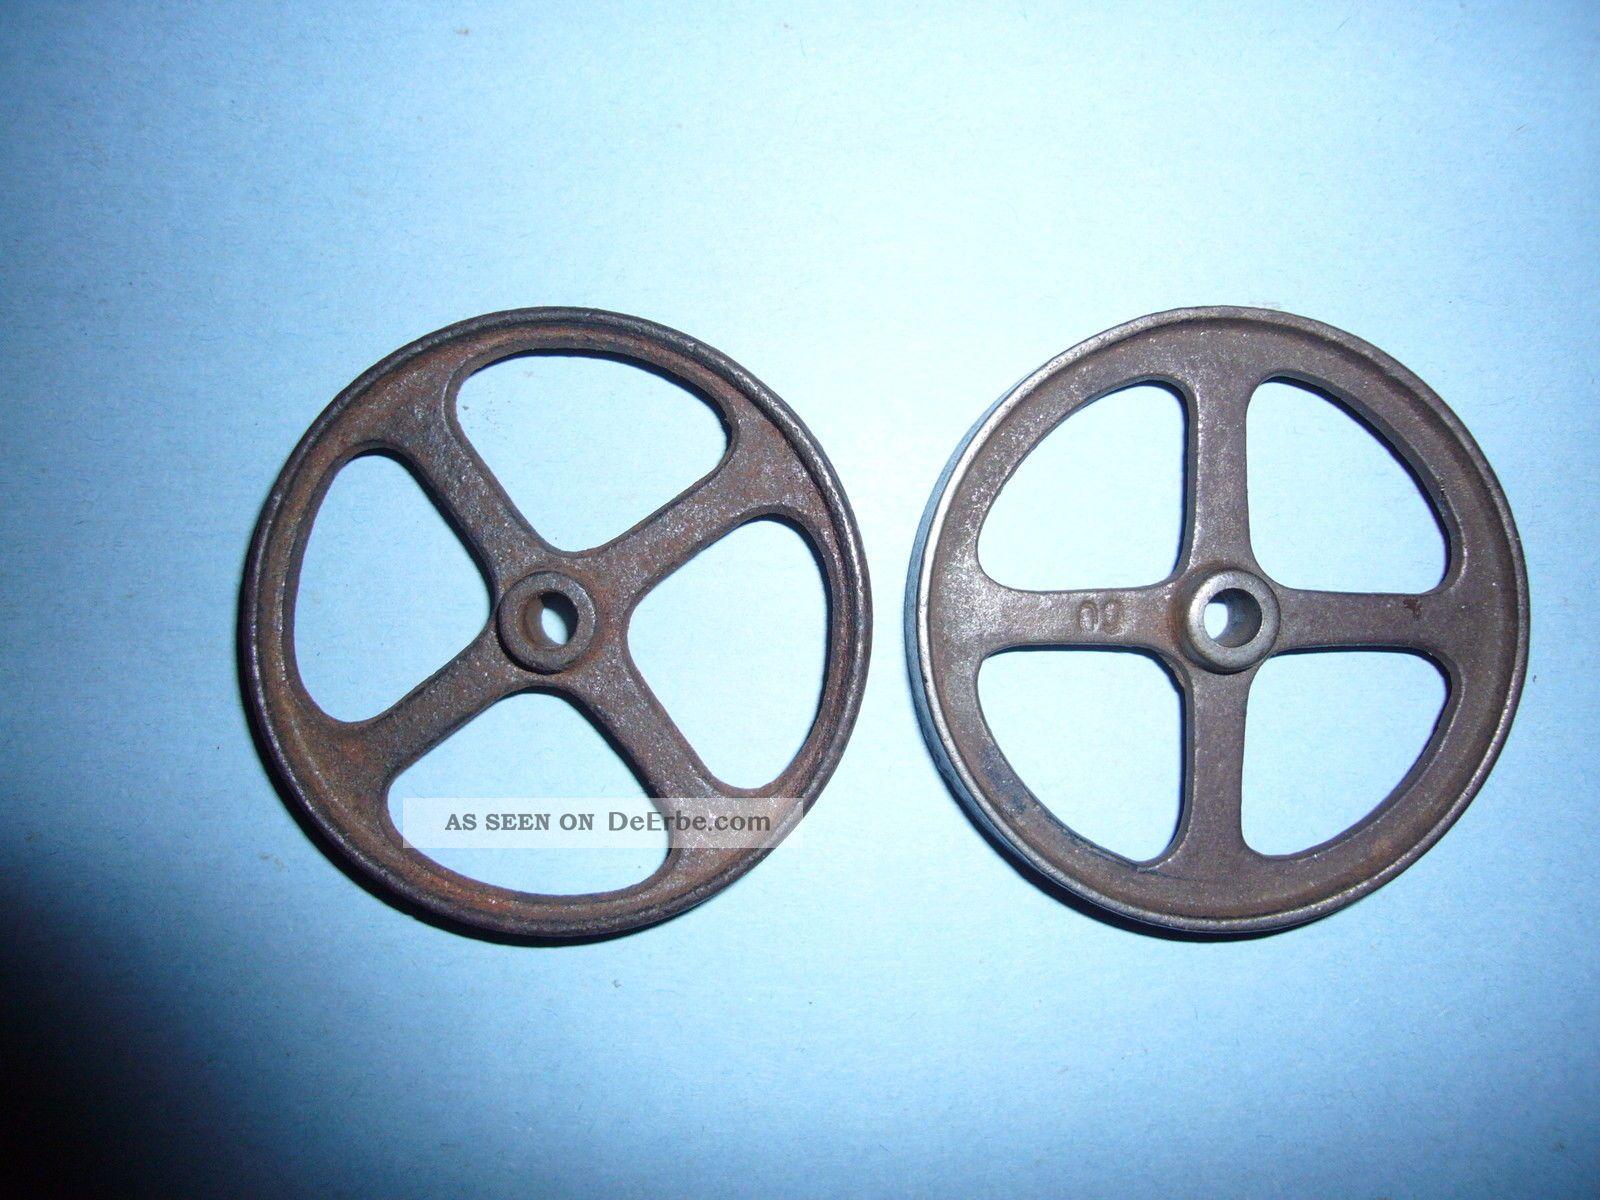 2gußräder F.  Baukasten,  Dampfm.  Lokomobile,  20erjahre,  Marke Unbekannt,  Gut Erhalten Gefertigt nach 1945 Bild